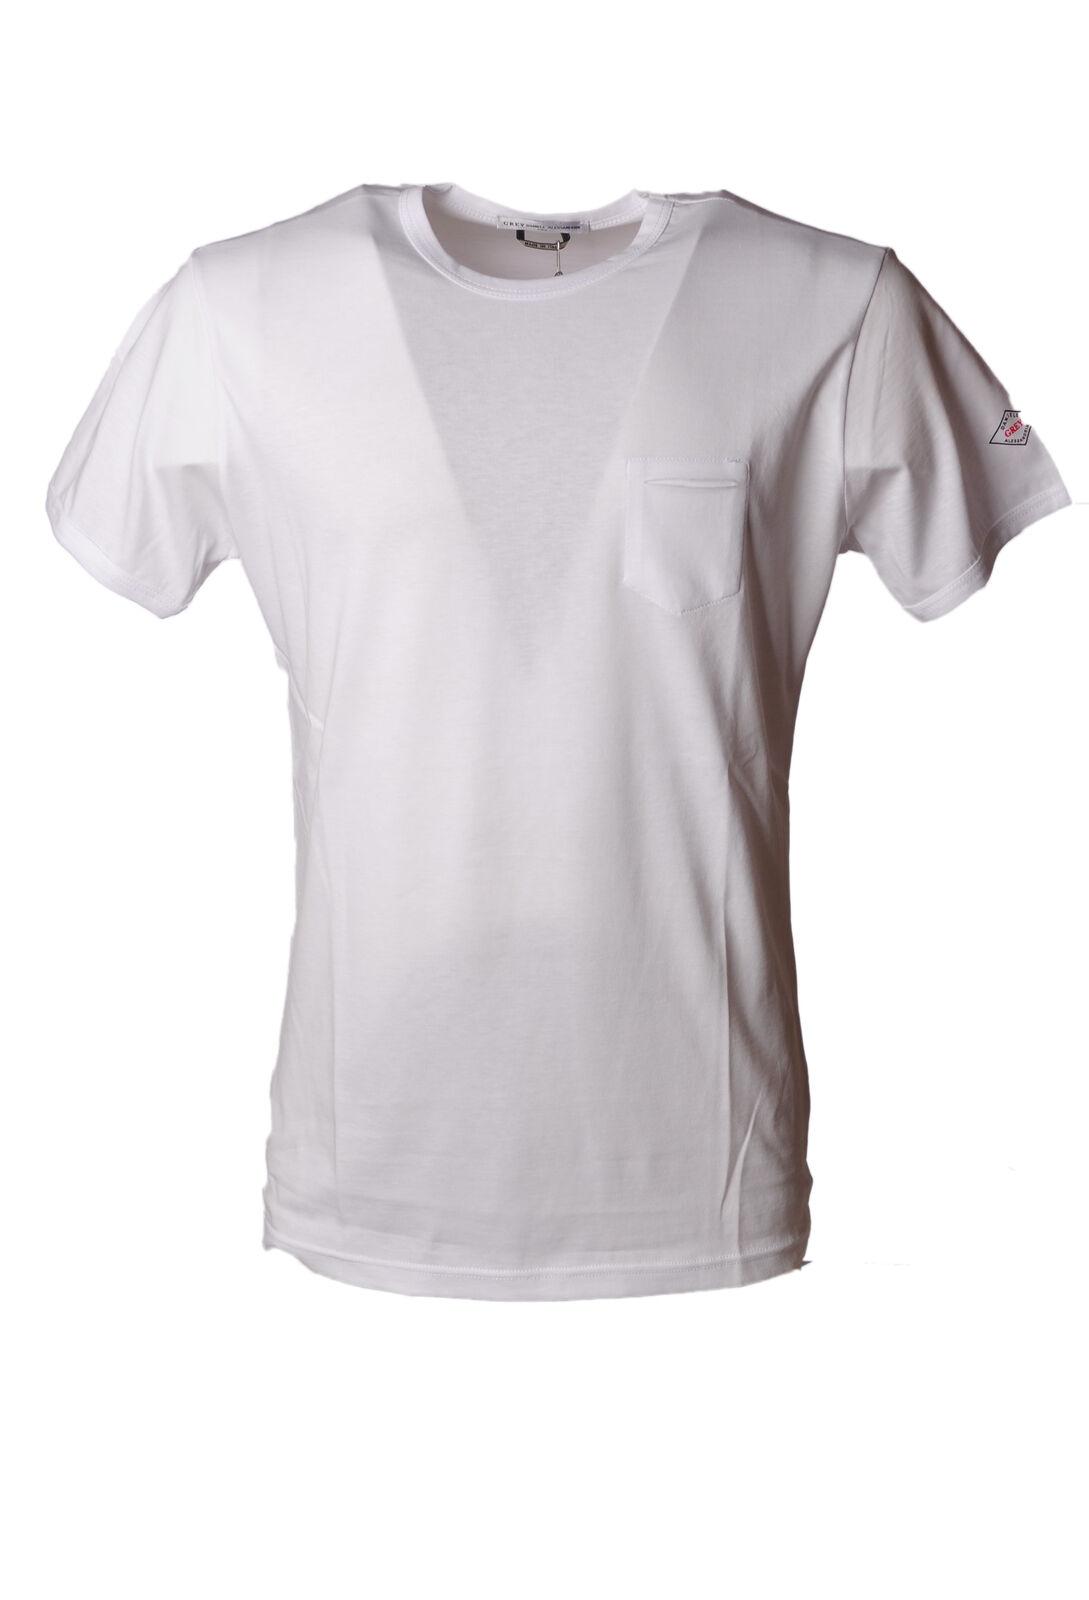 Daniele Alessandrini - Topwear-T-shirts - Man - Weiß - 4720716F180543